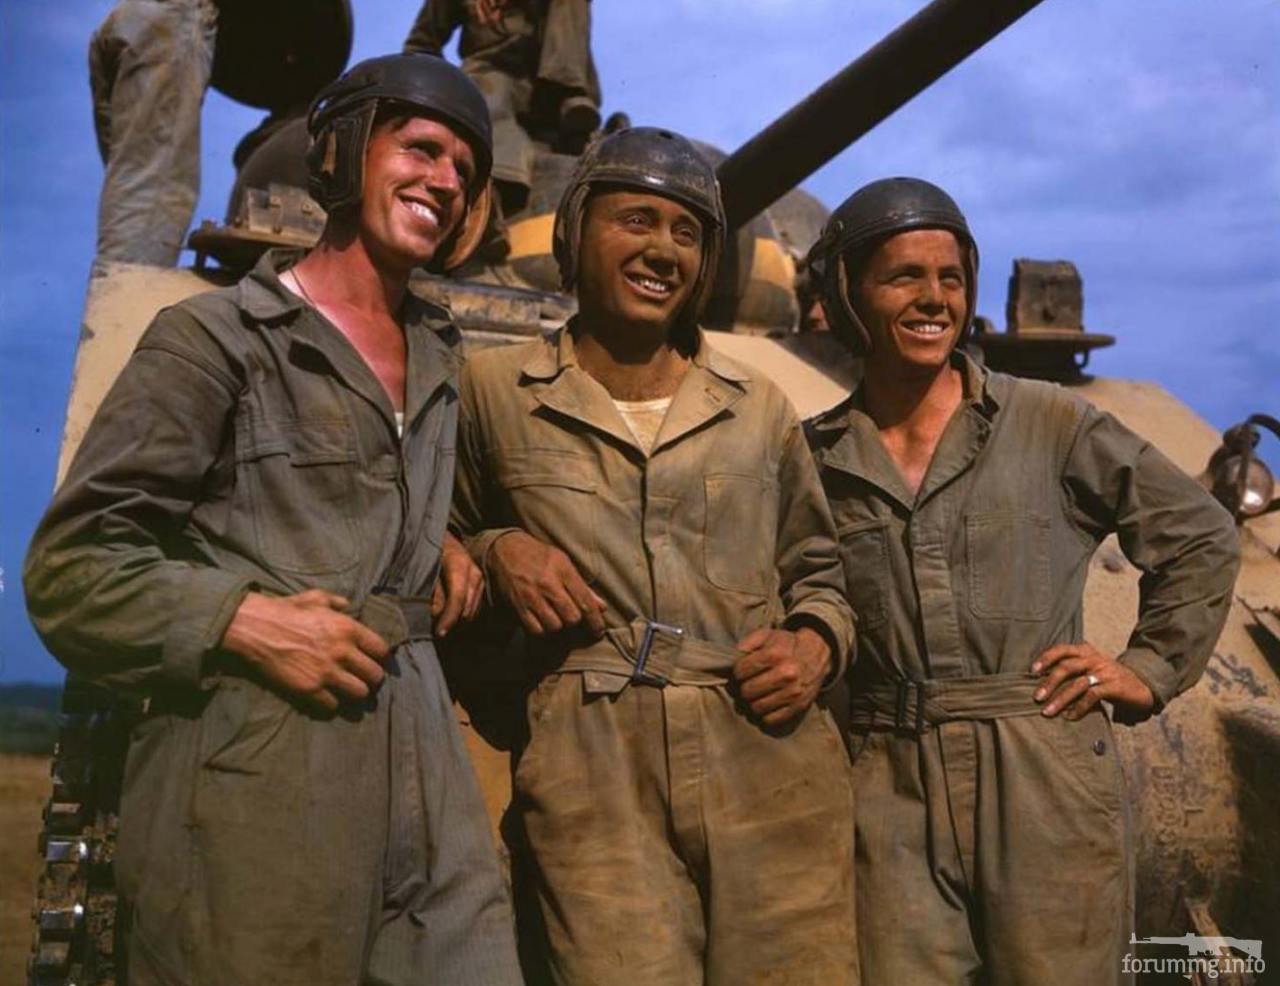 124934 - Военное фото 1939-1945 г.г. Западный фронт и Африка.